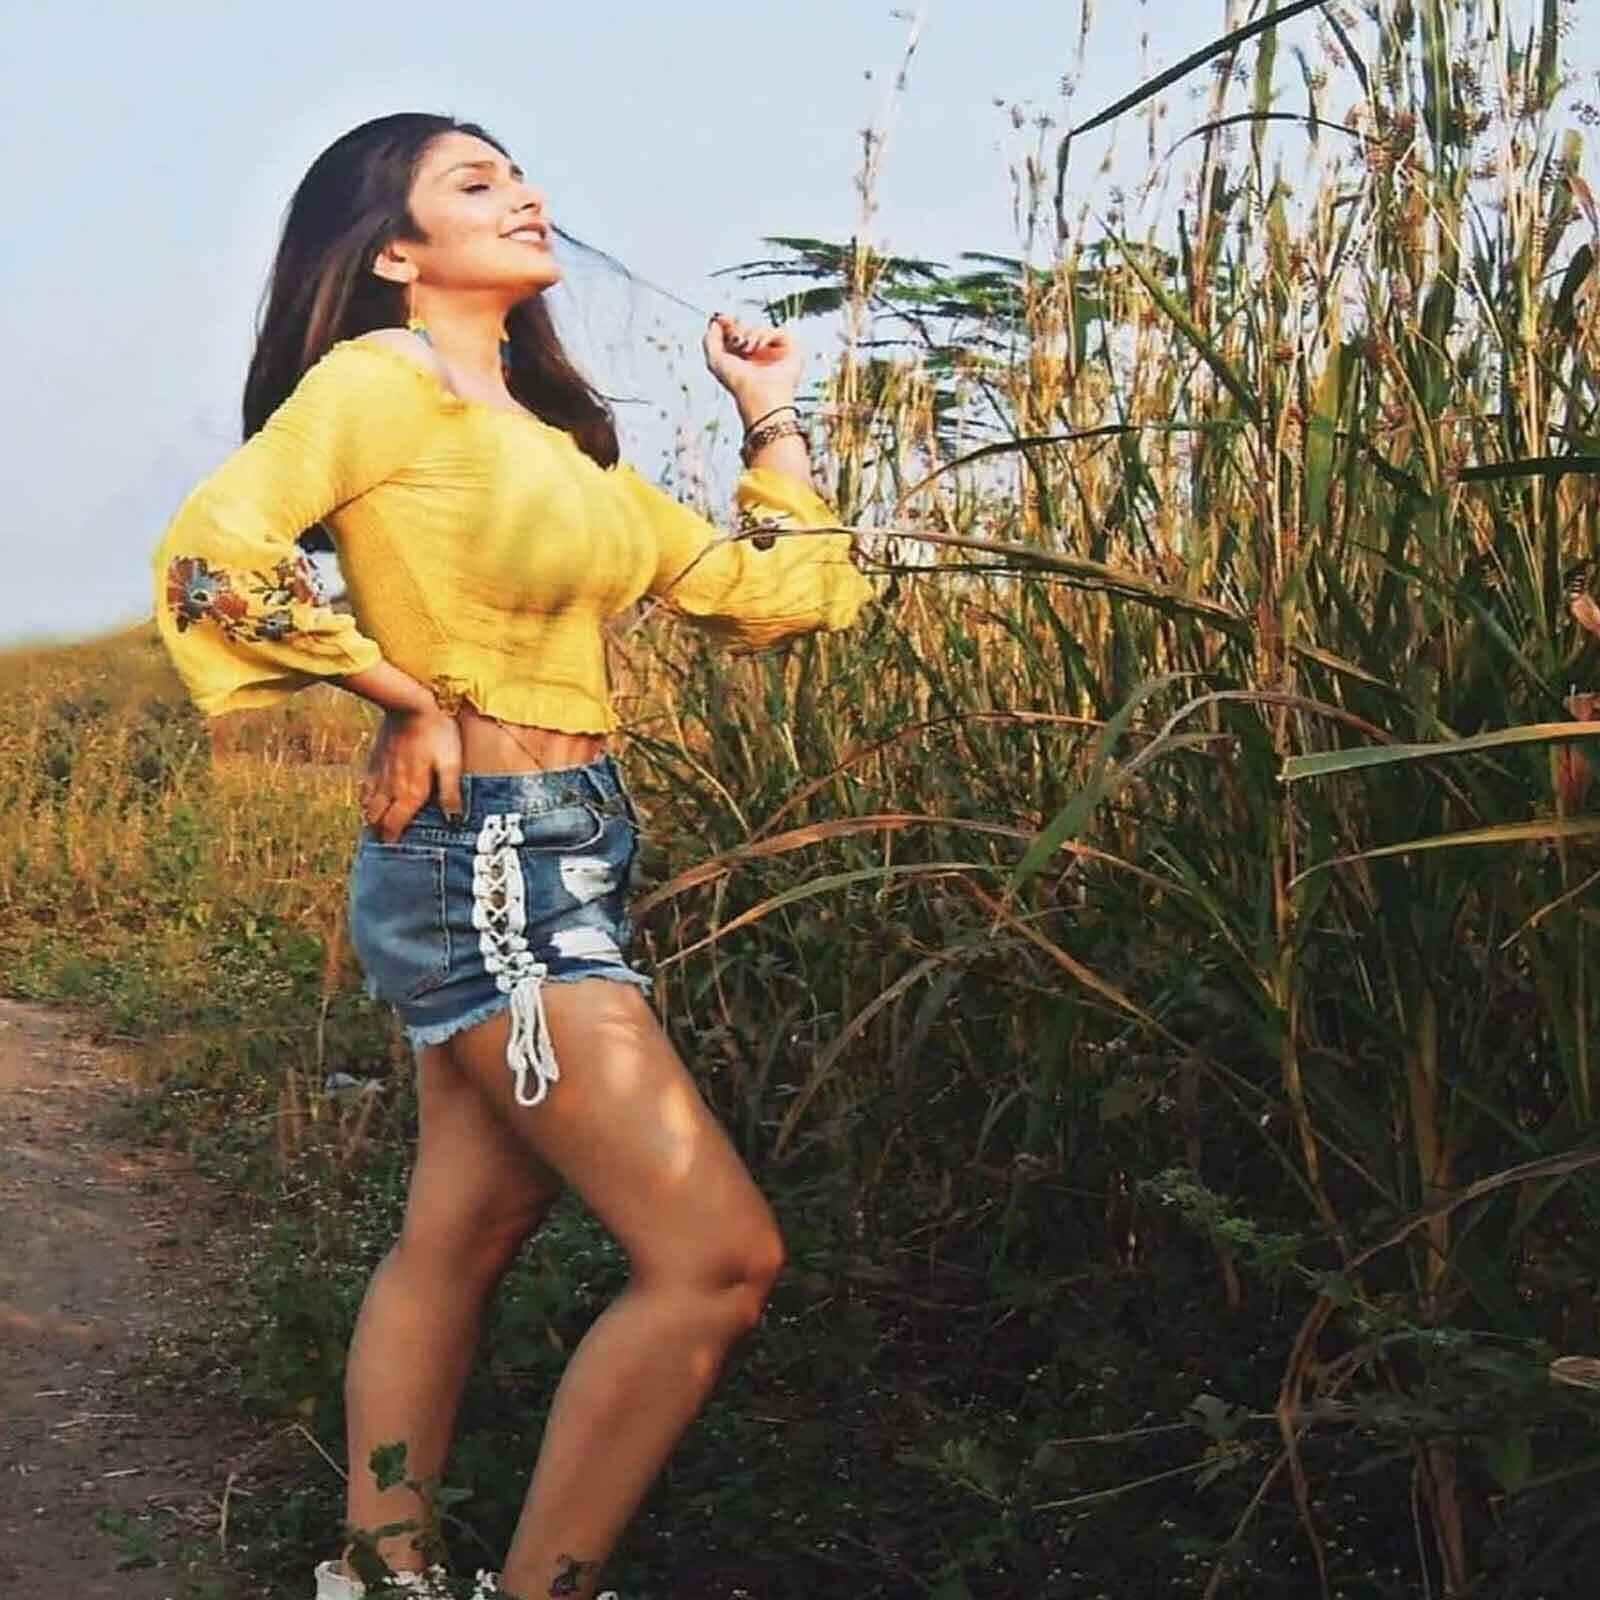 দেখে নিন টেলি স্ট্রা ইশিতা চৌহ্বানের হট ছবি